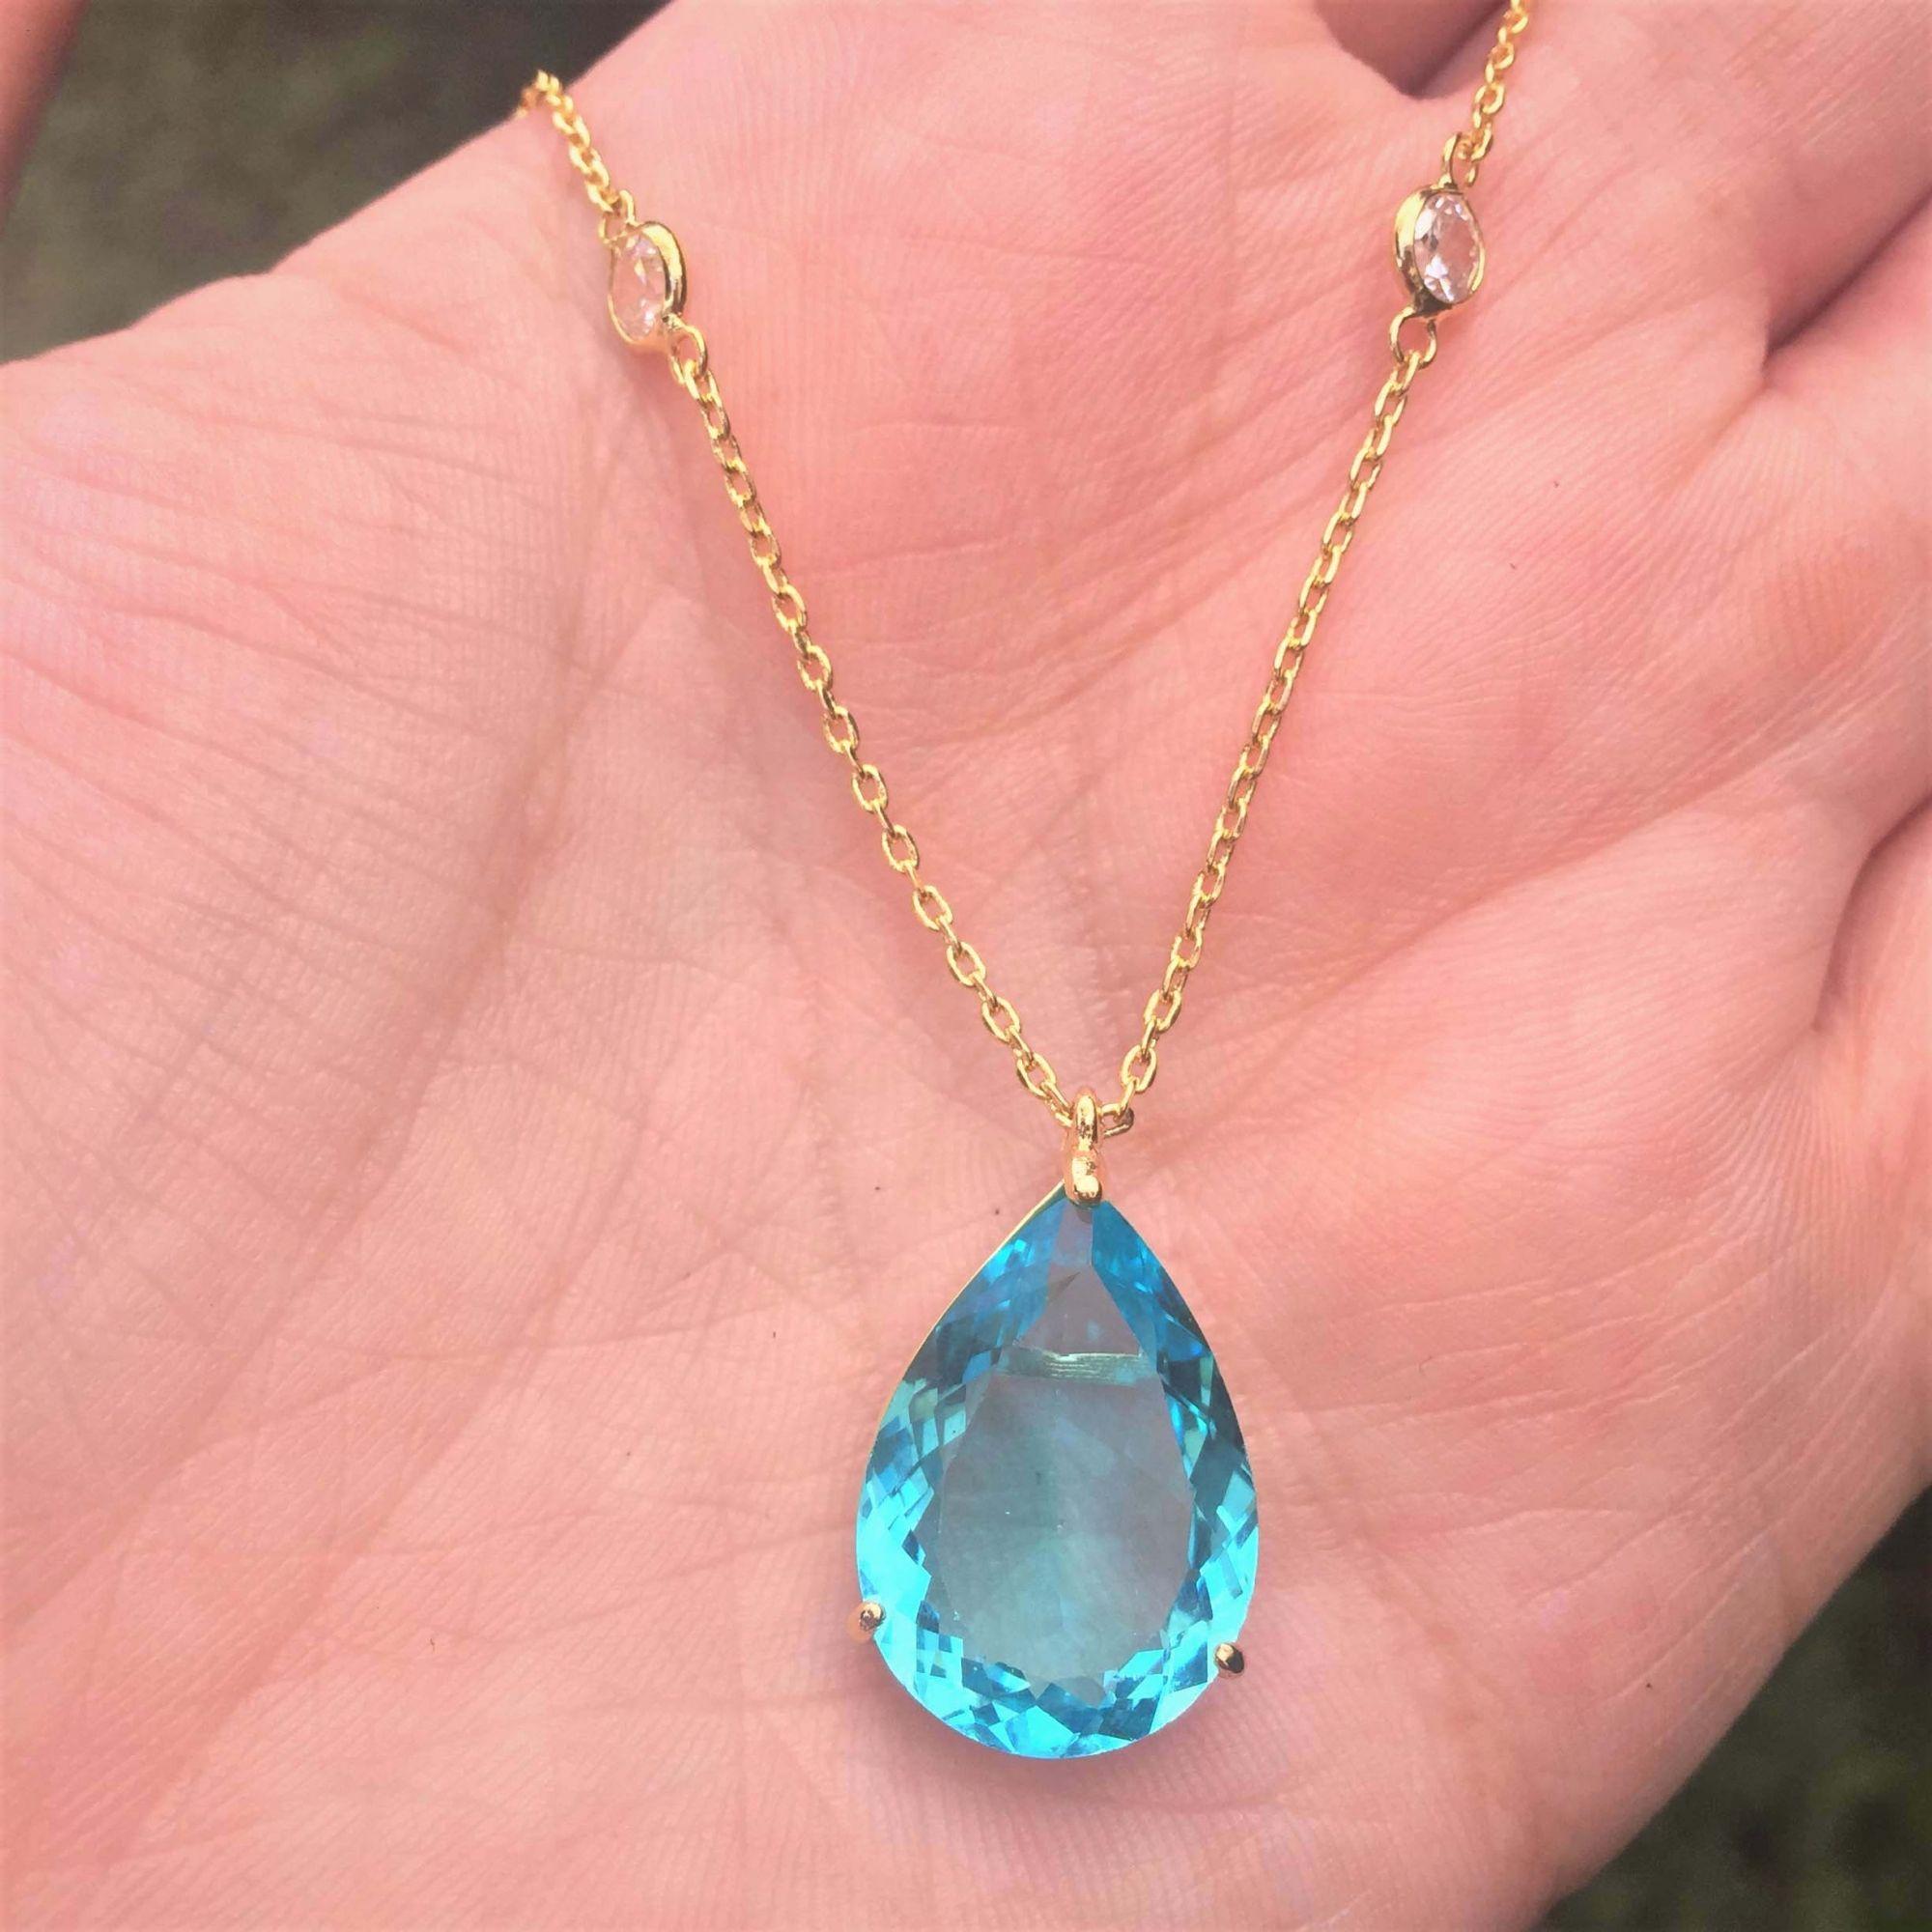 Colar gota banhado a ouro com pedra cristal azul claro